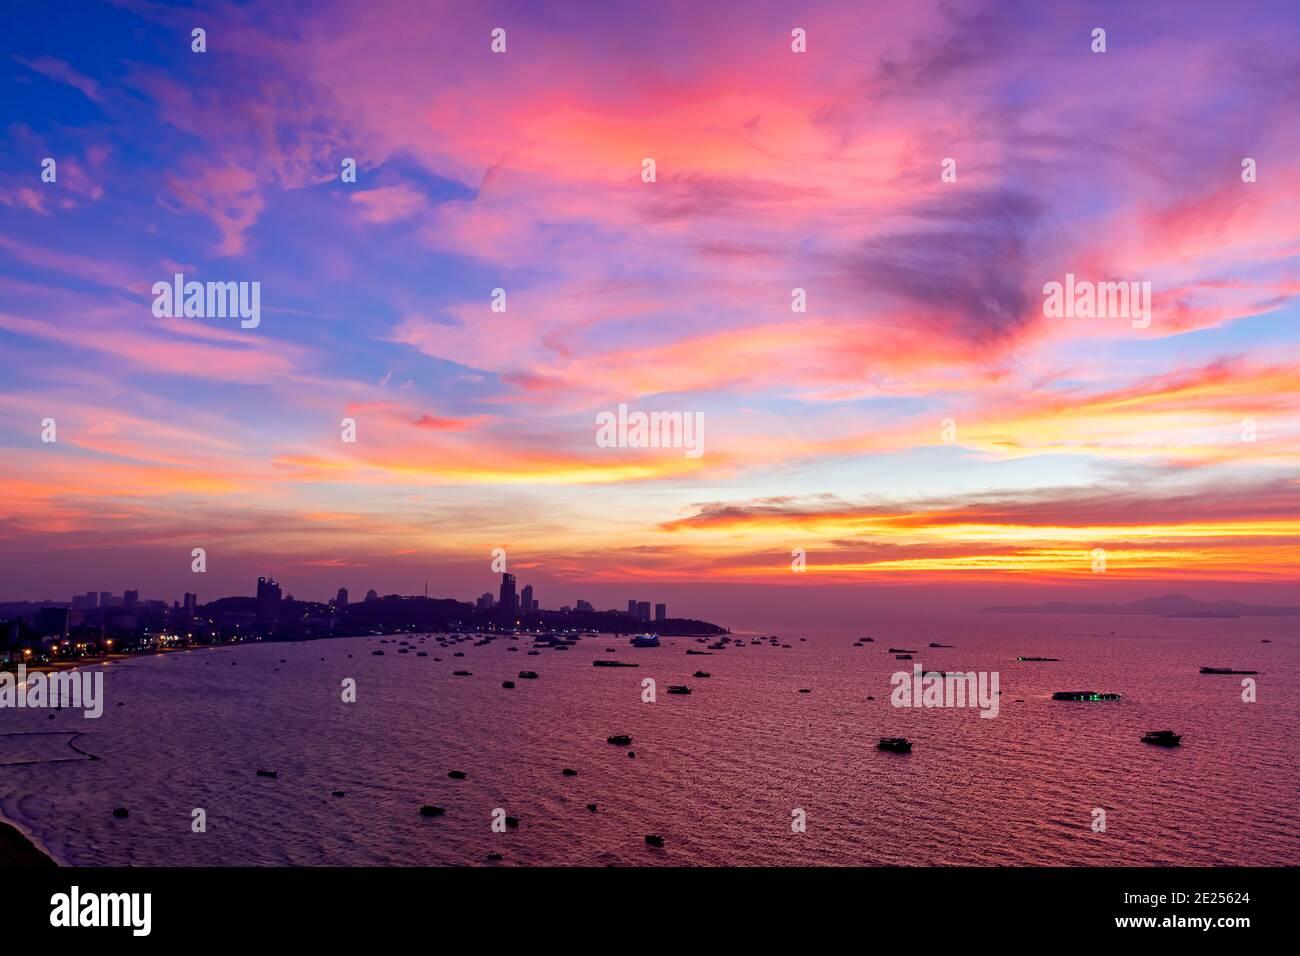 Paysage de coucher de soleil, Pattaya, Chon Buri, Thaïlande Banque D'Images